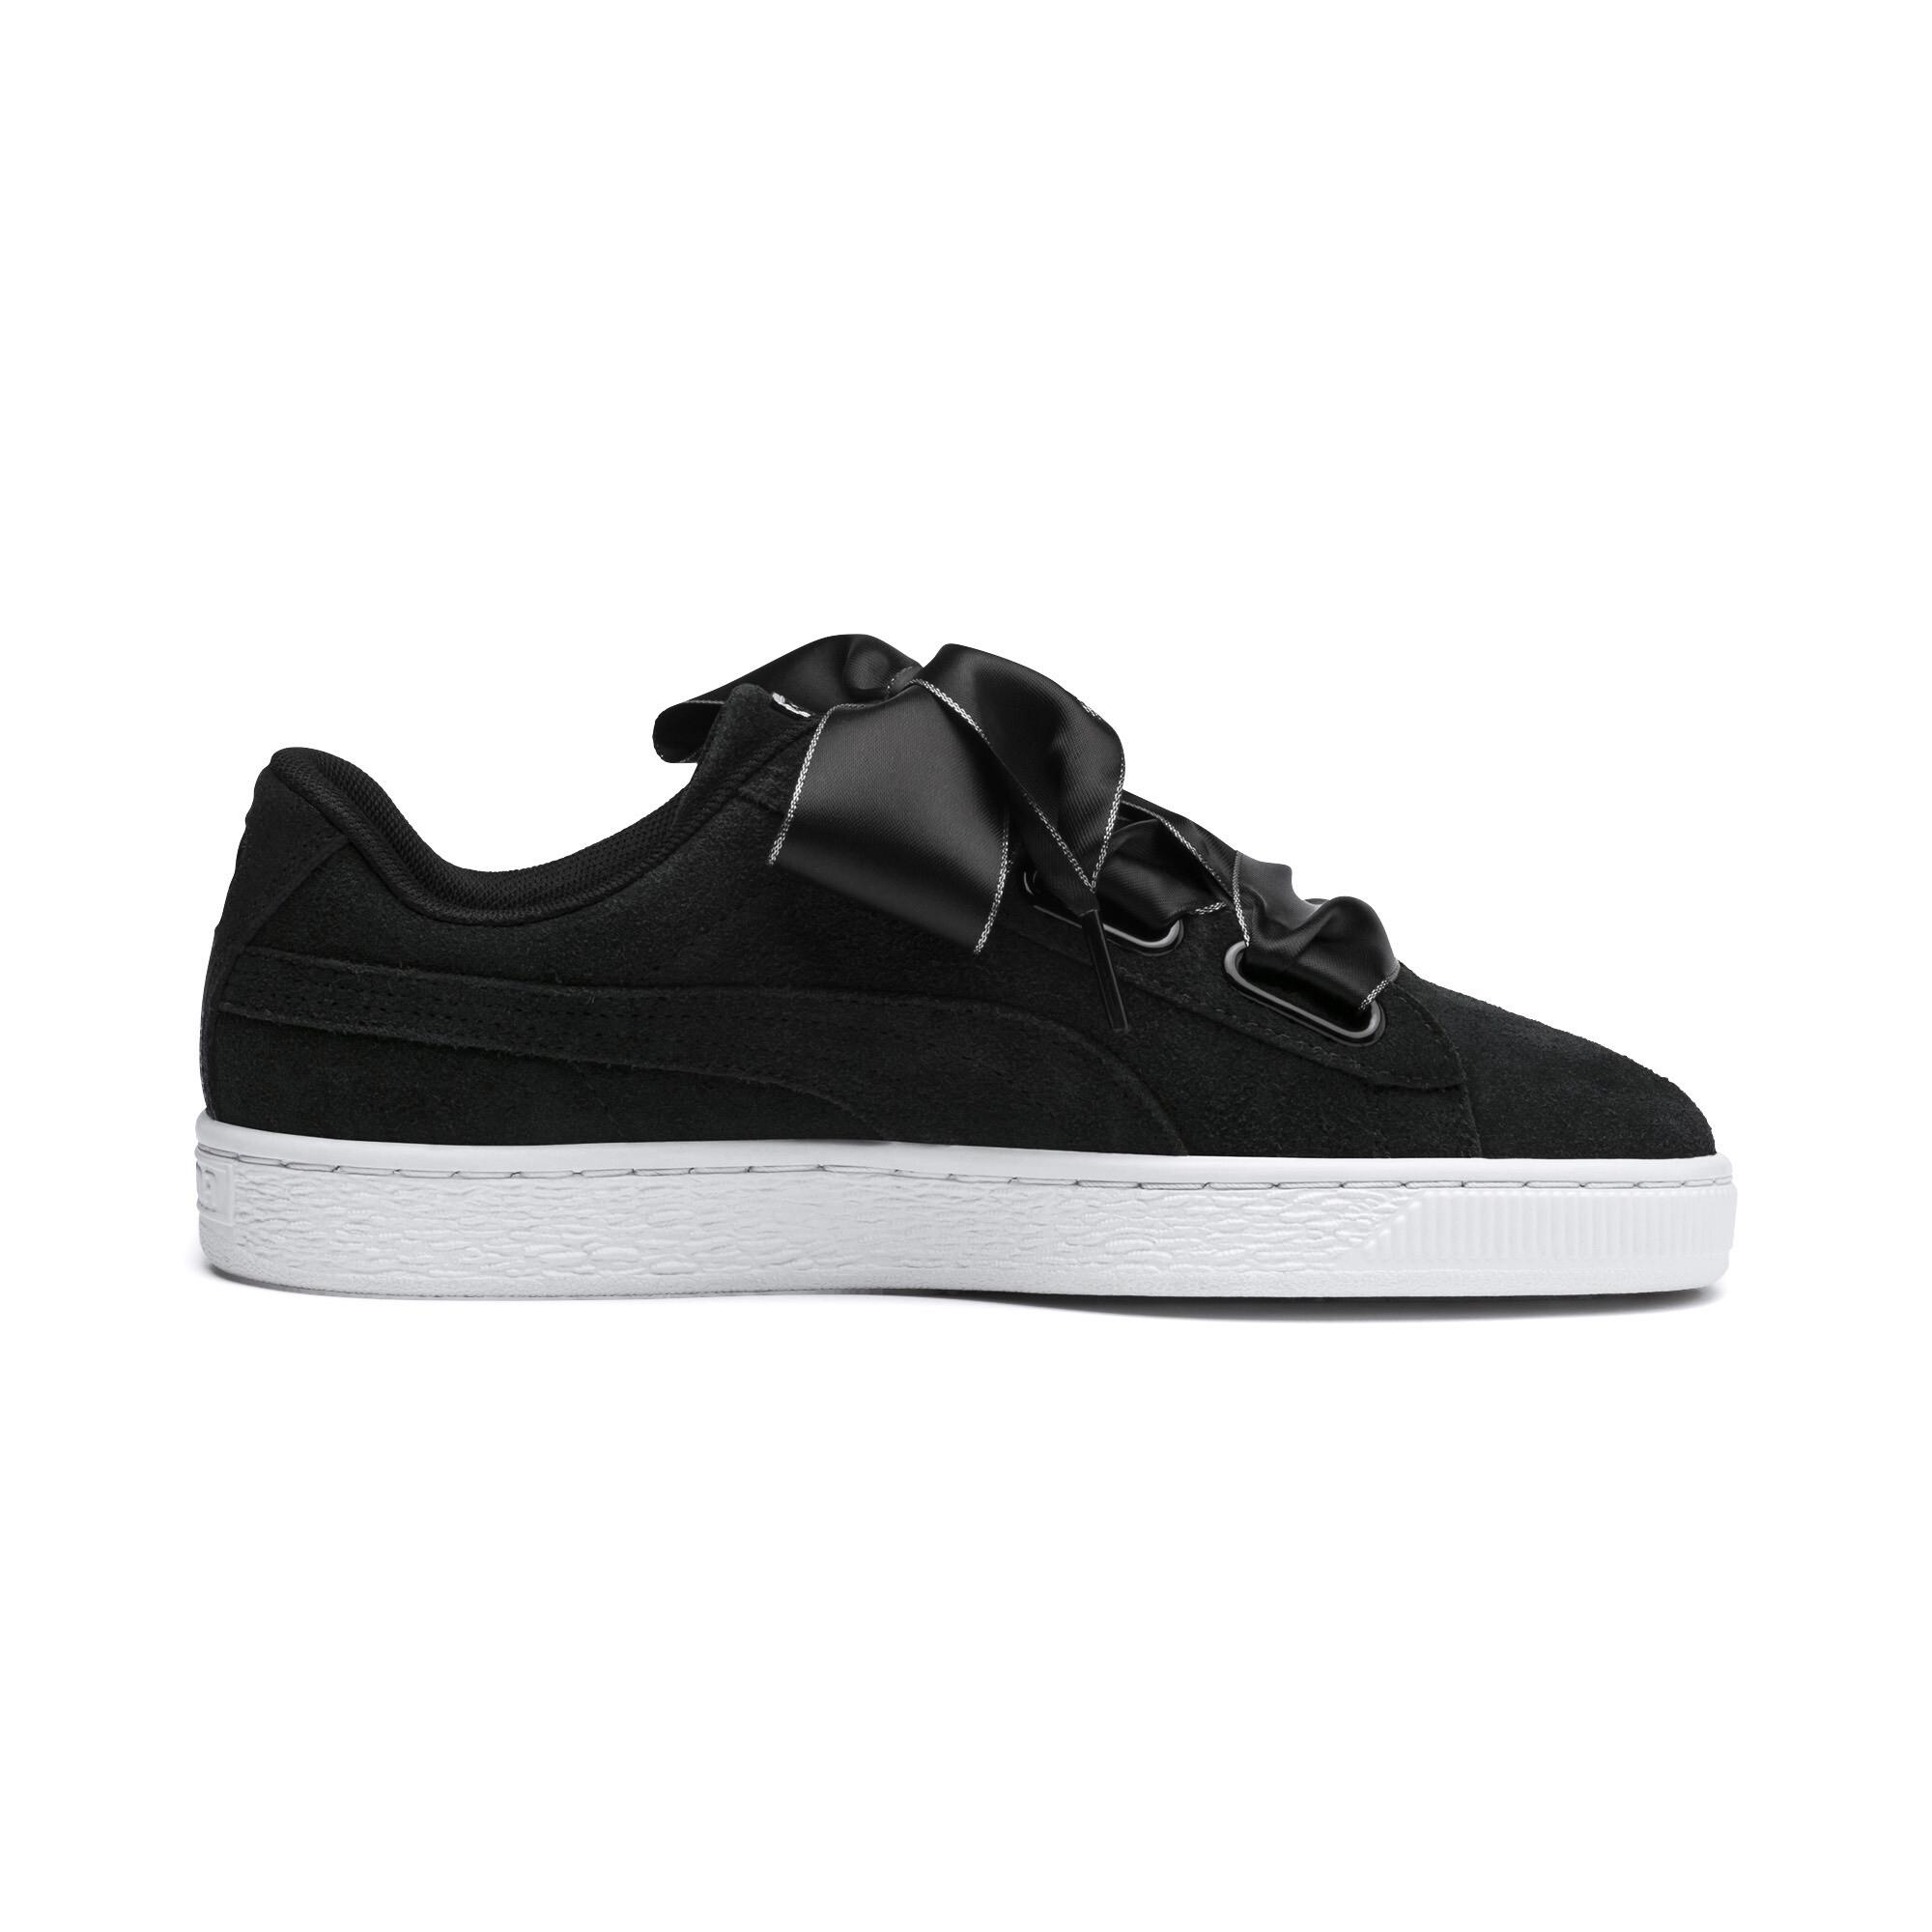 8706e6e2d1 PUMA Suede Heart Galaxy Women s Sneakers Women Shoe Sport Classics ...